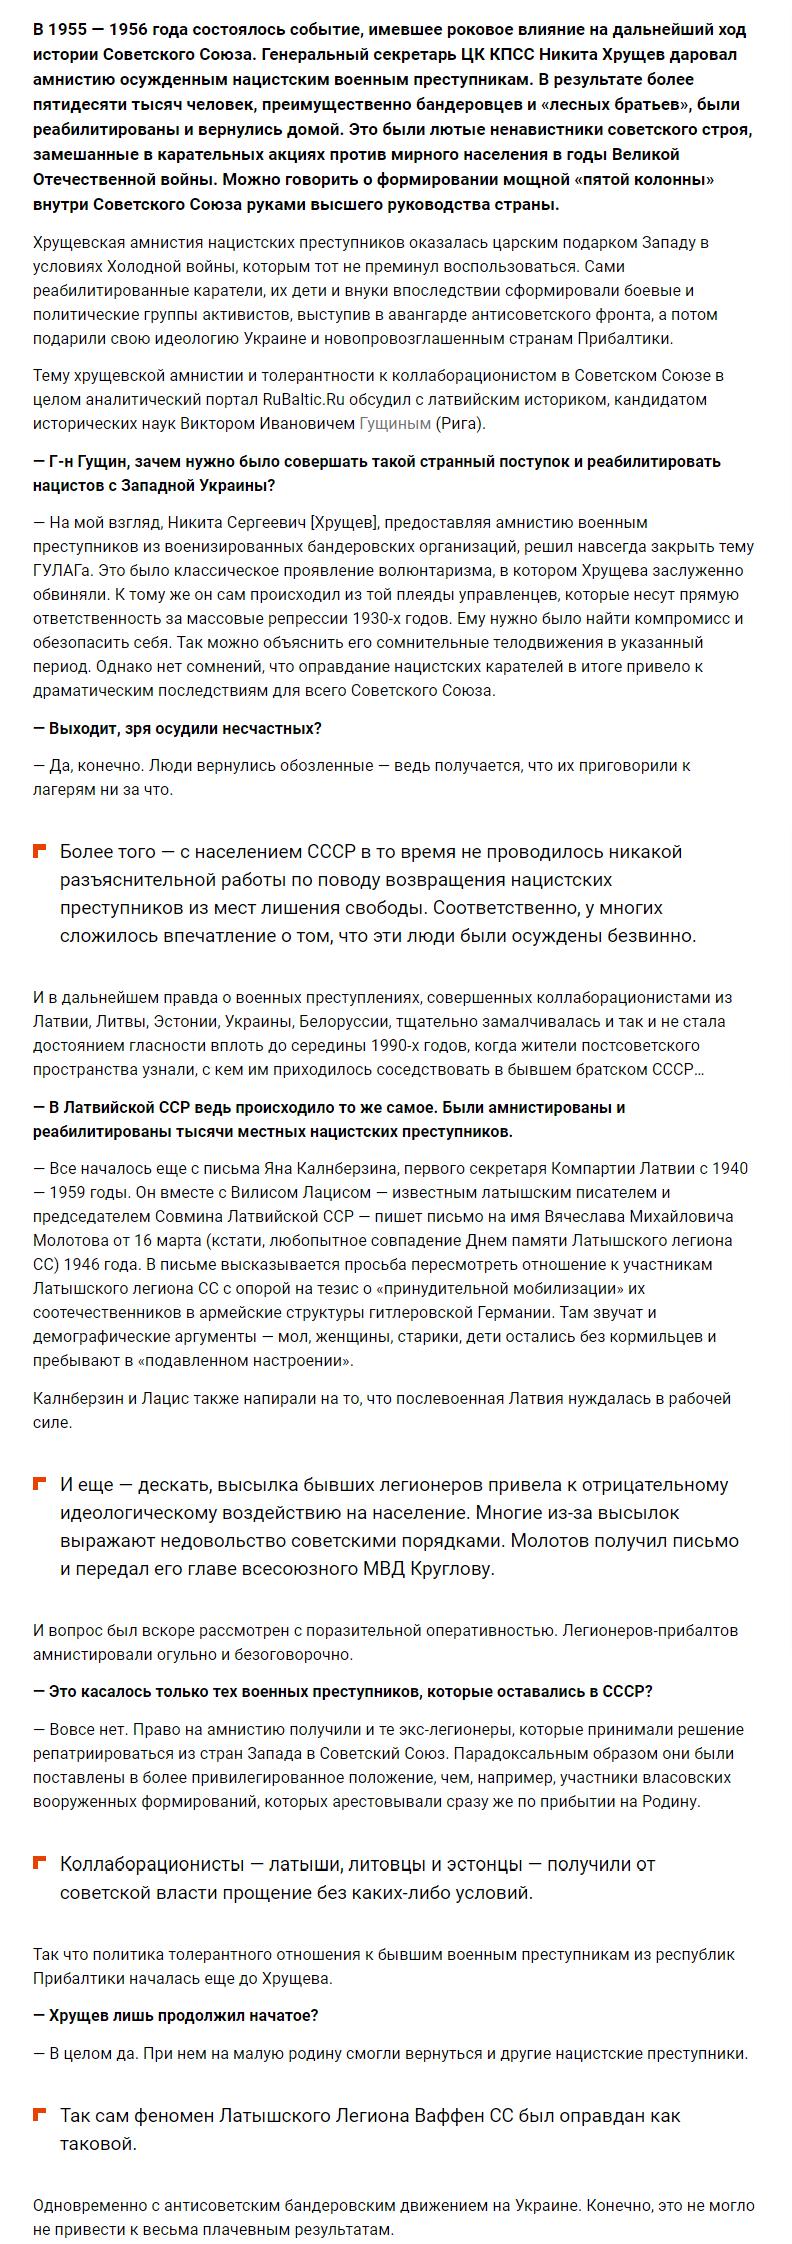 Fire-Shot-Capture-634-Ru-Baltic-ru-www-rubaltic-ru